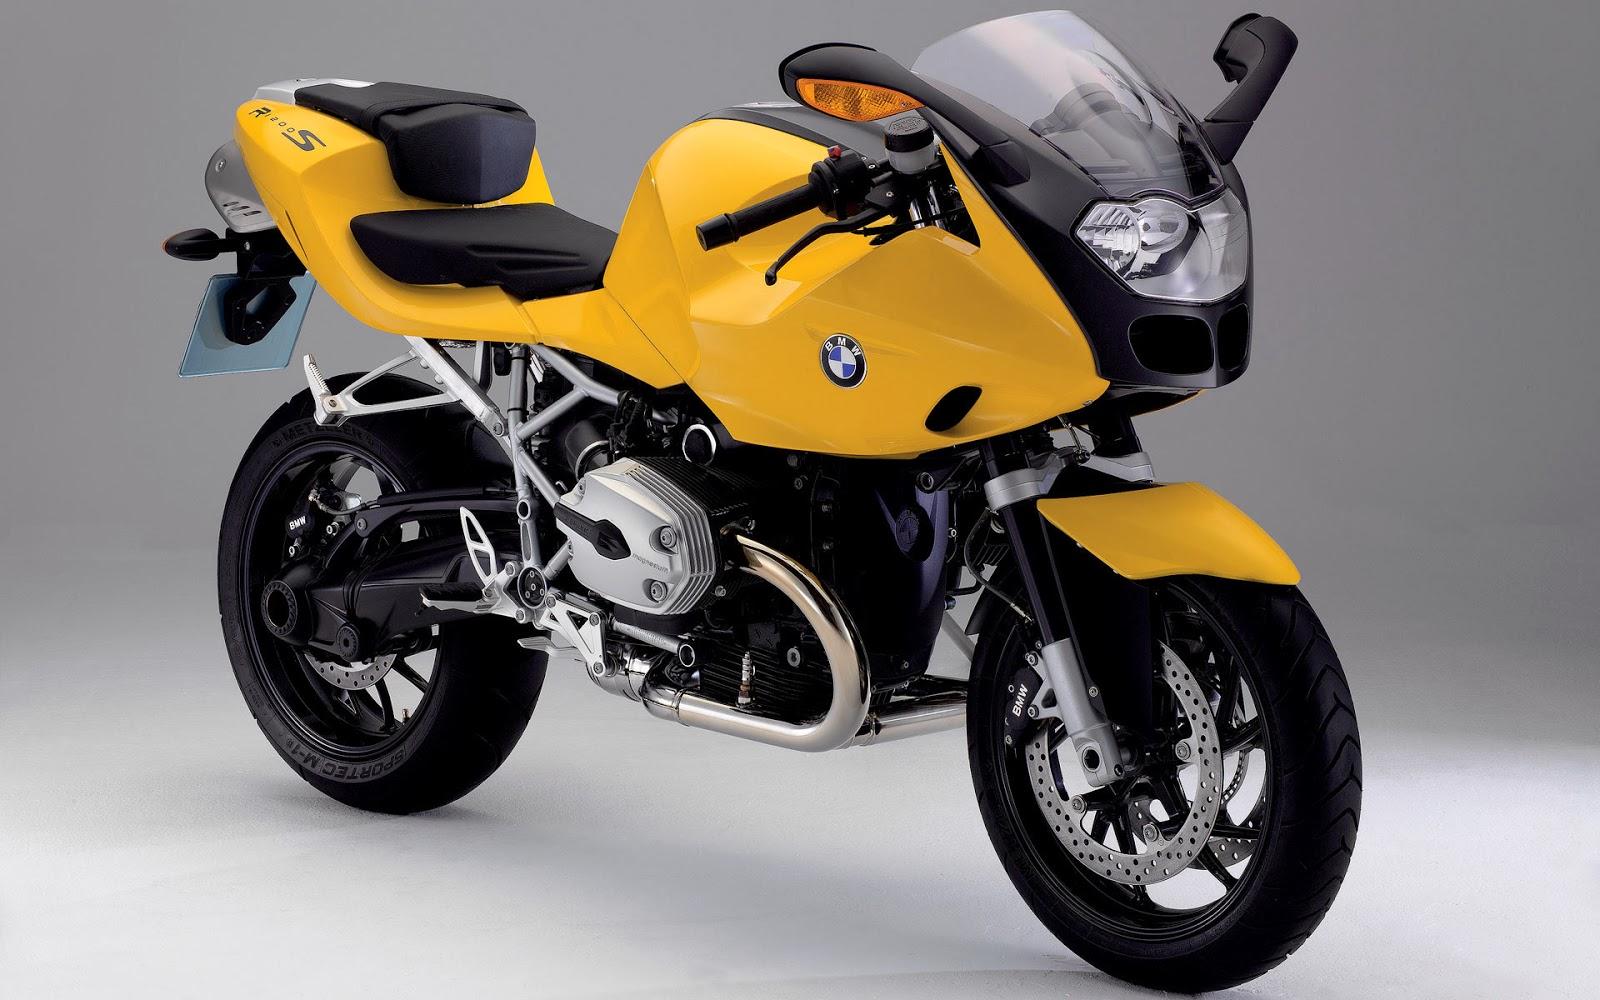 bmw bikes sbikes bmw r1200s yellow walls zcqjde92